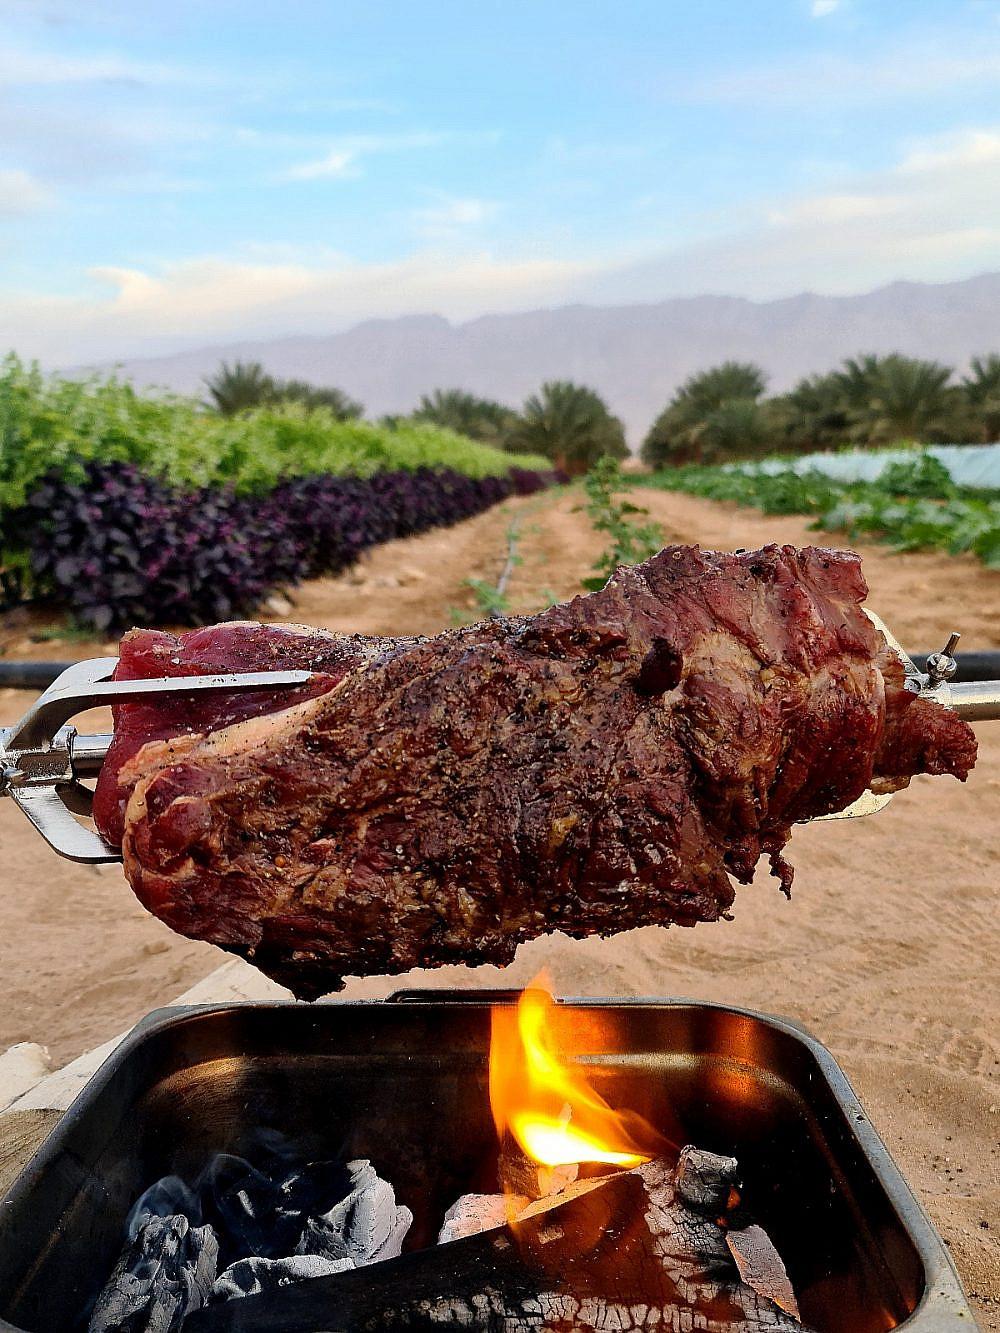 שף במדבר. רוברט ביטון | צילום: באדיבות שף במדבר